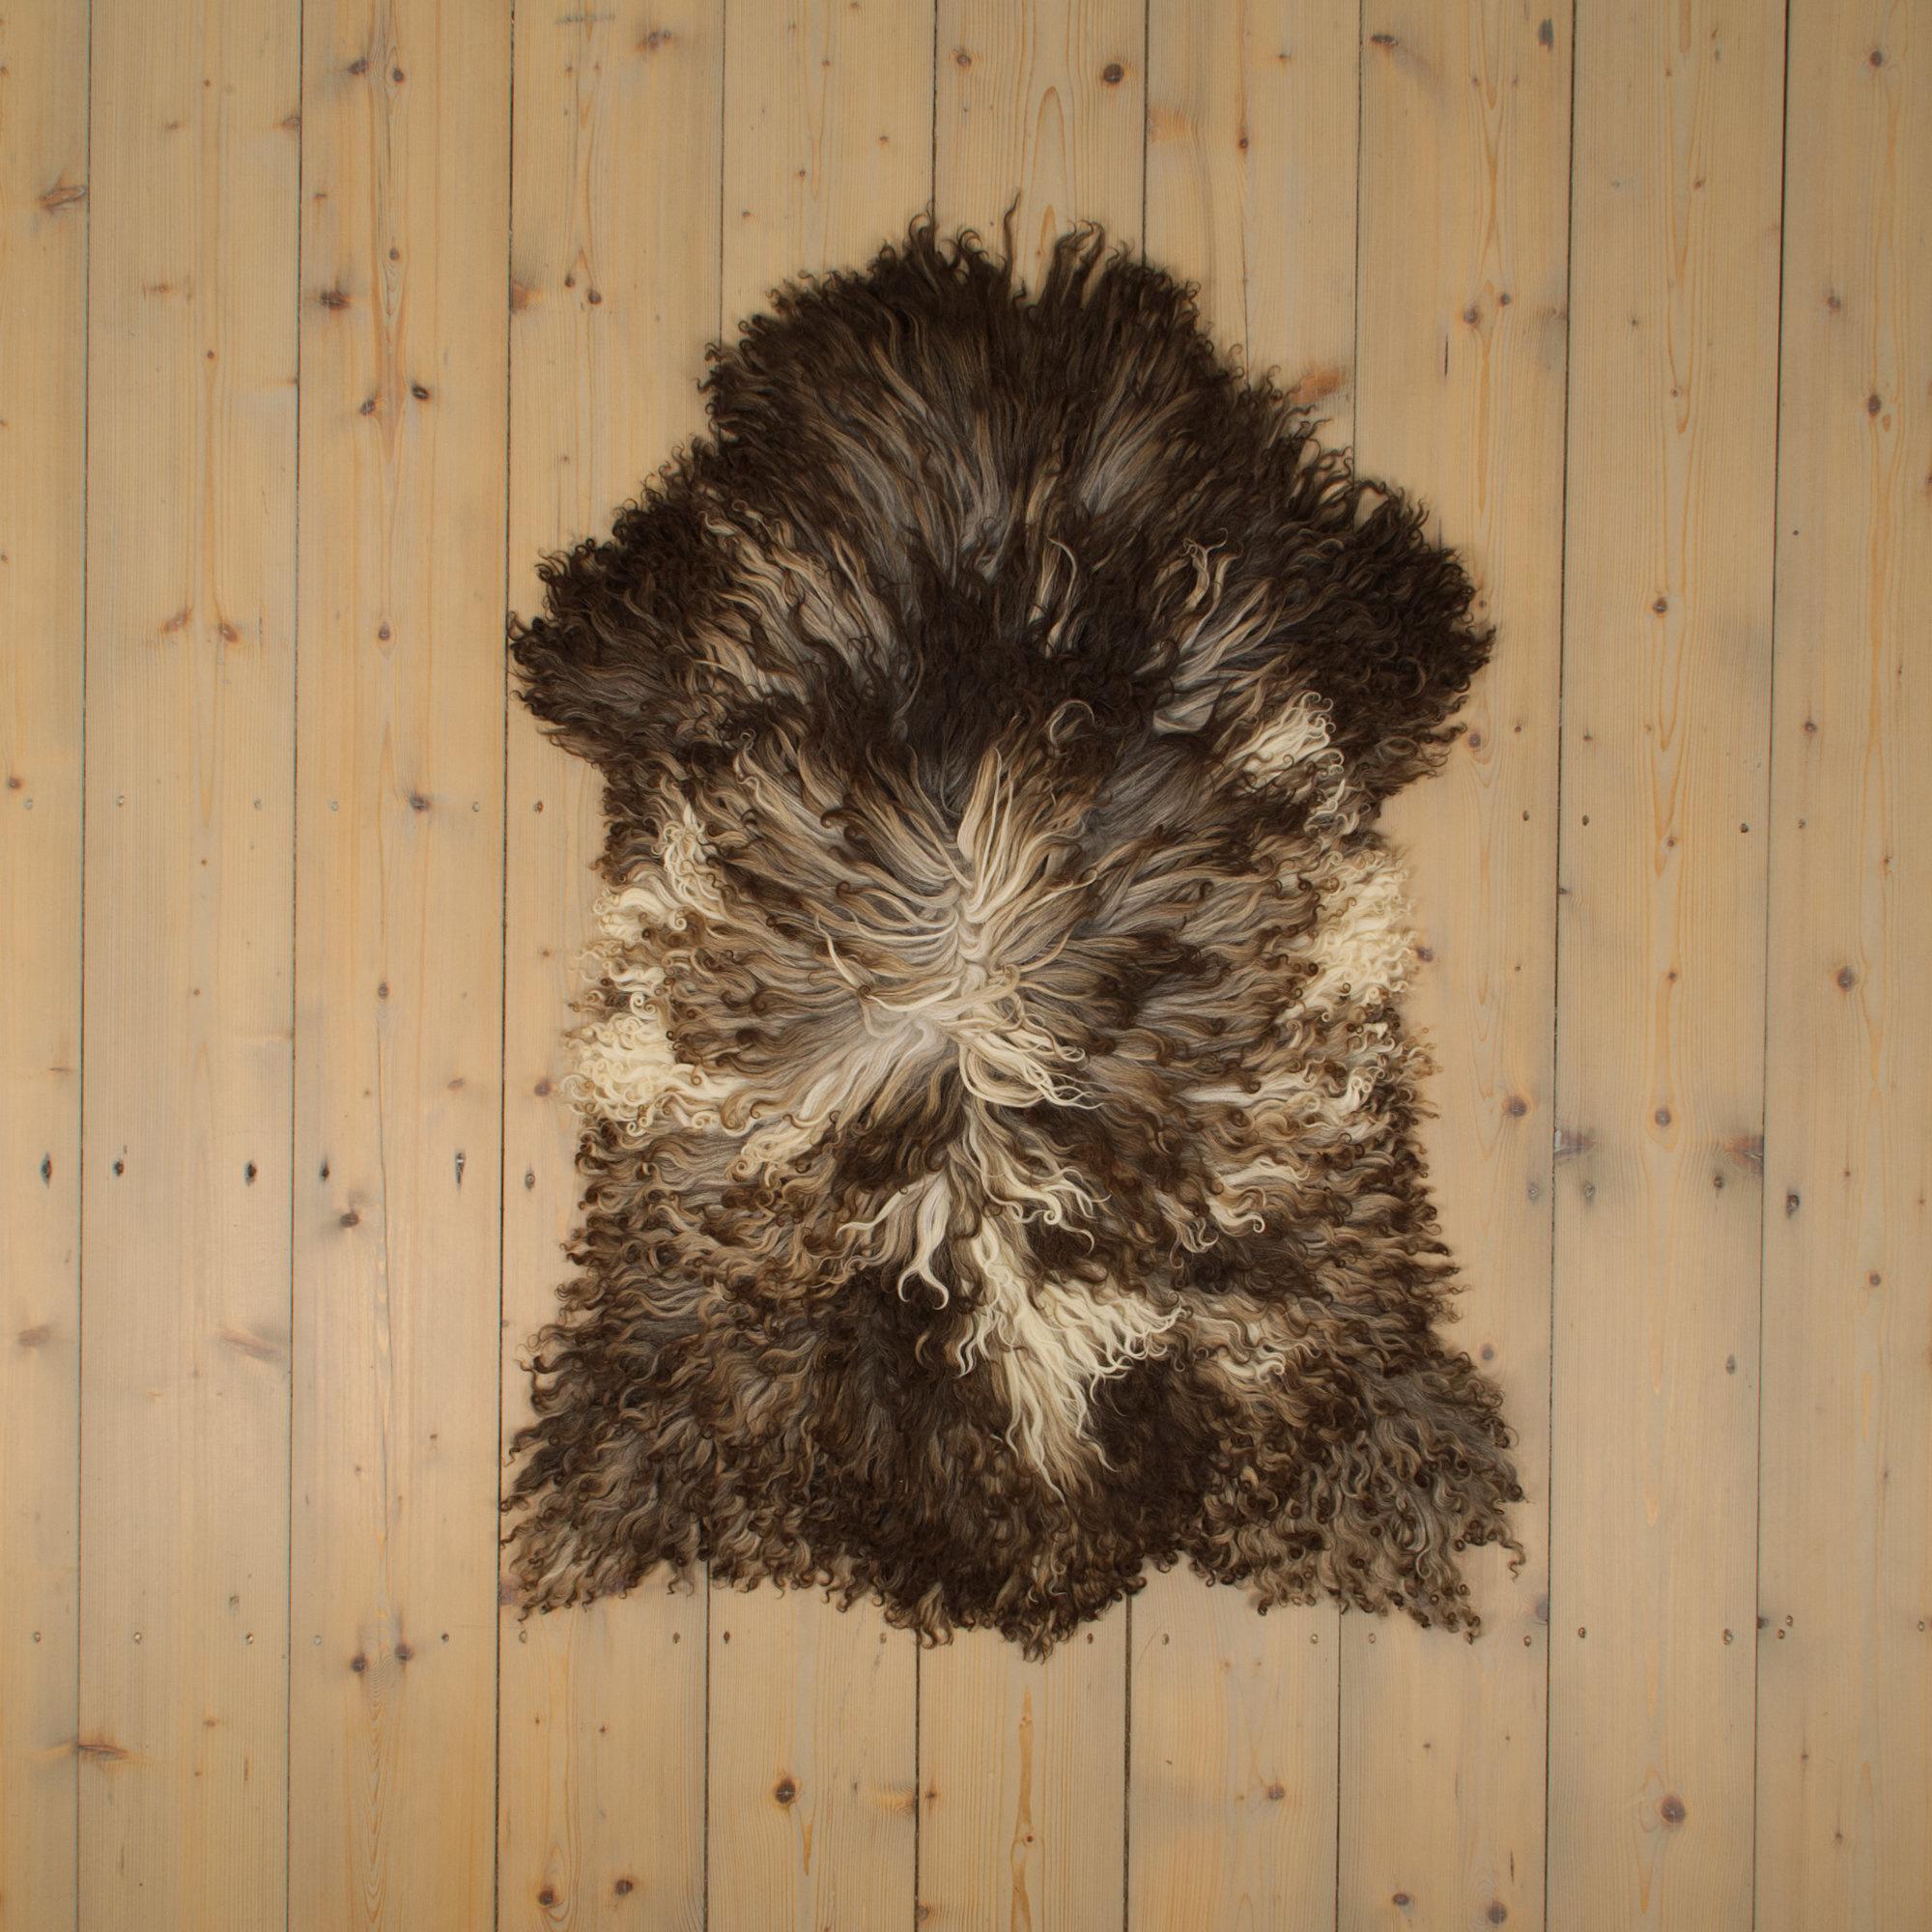 Van Buren Krul Schapenvacht - Donker - Uniek Gefotografeerd - ca. 100x60cm - US037